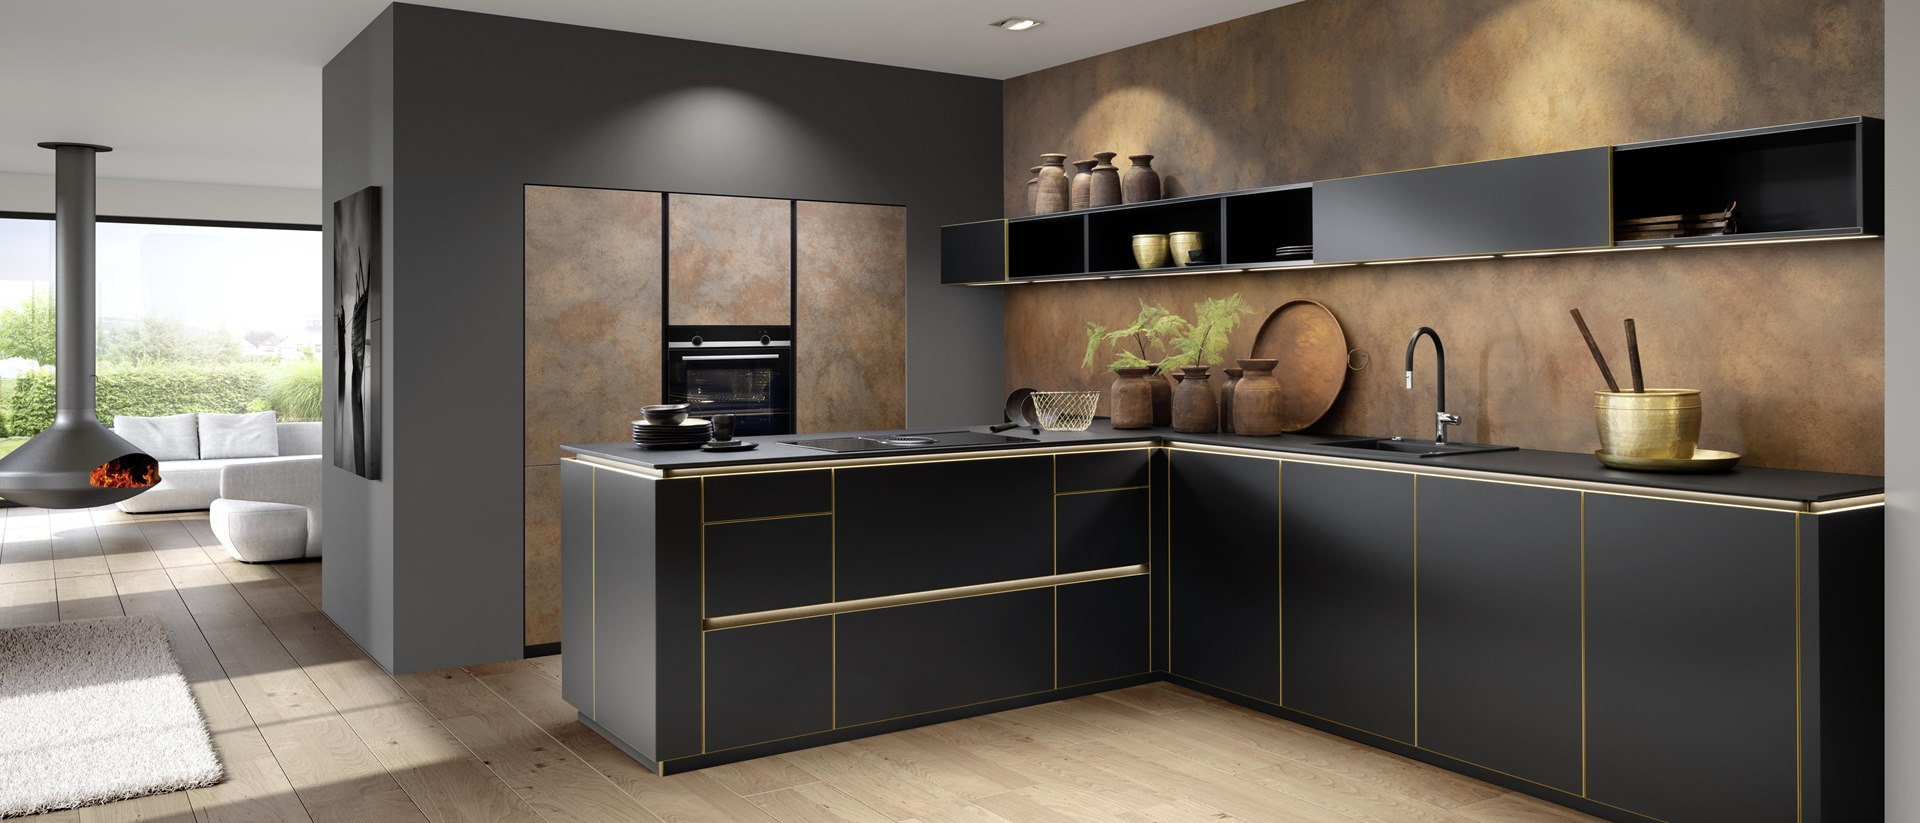 Gold Küche Design Küchen kaufen Pirna Dresden